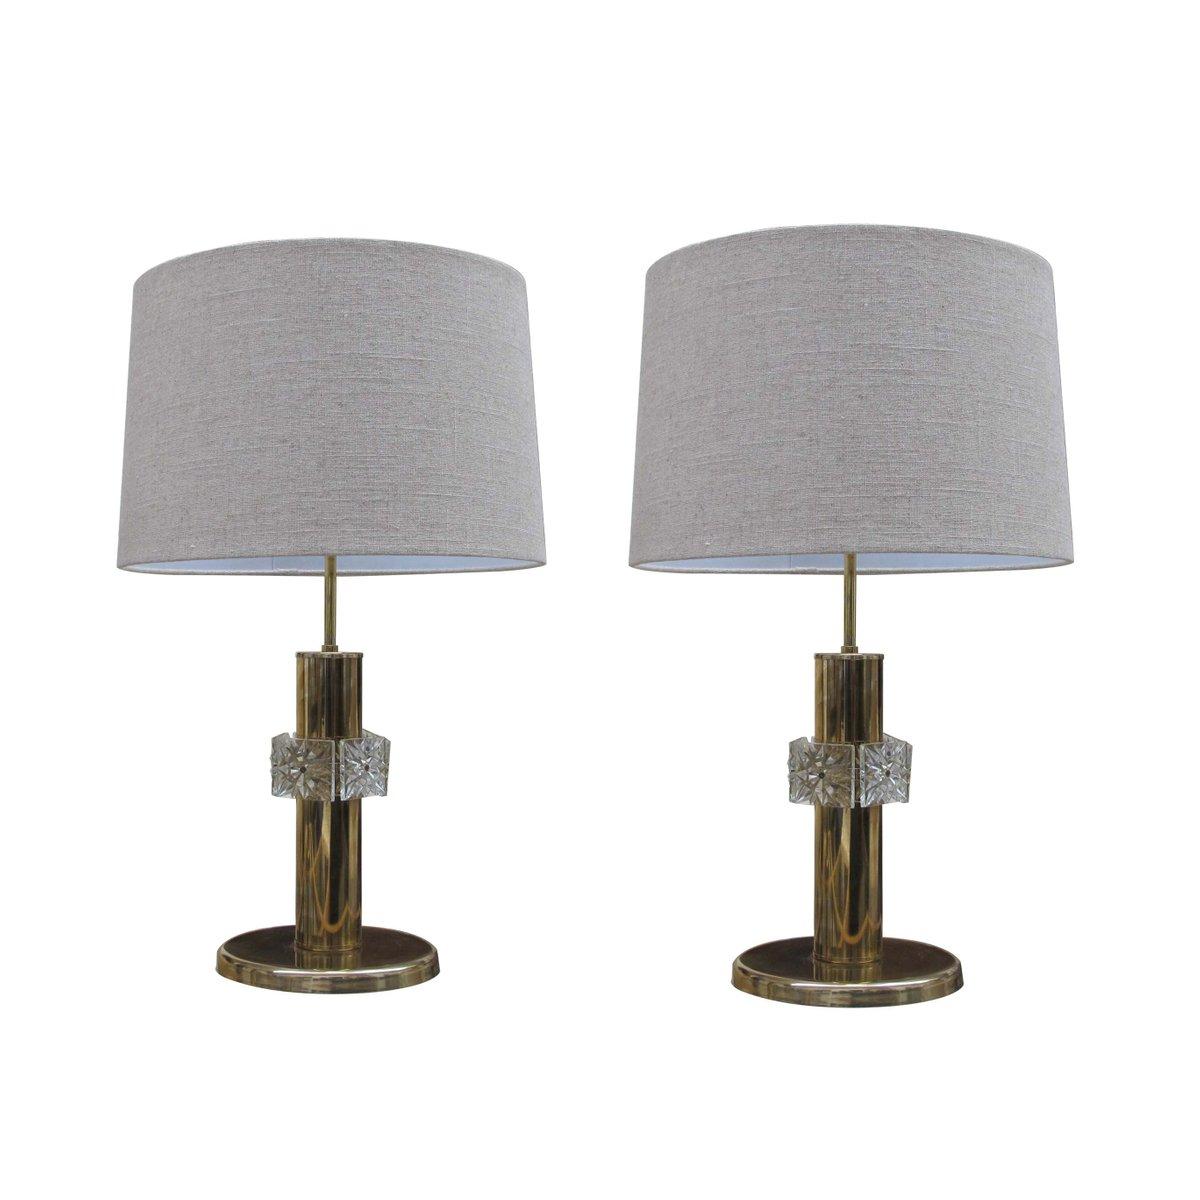 Vintage Messing Lampen mit Glasreifen, 1970er, 2er Set